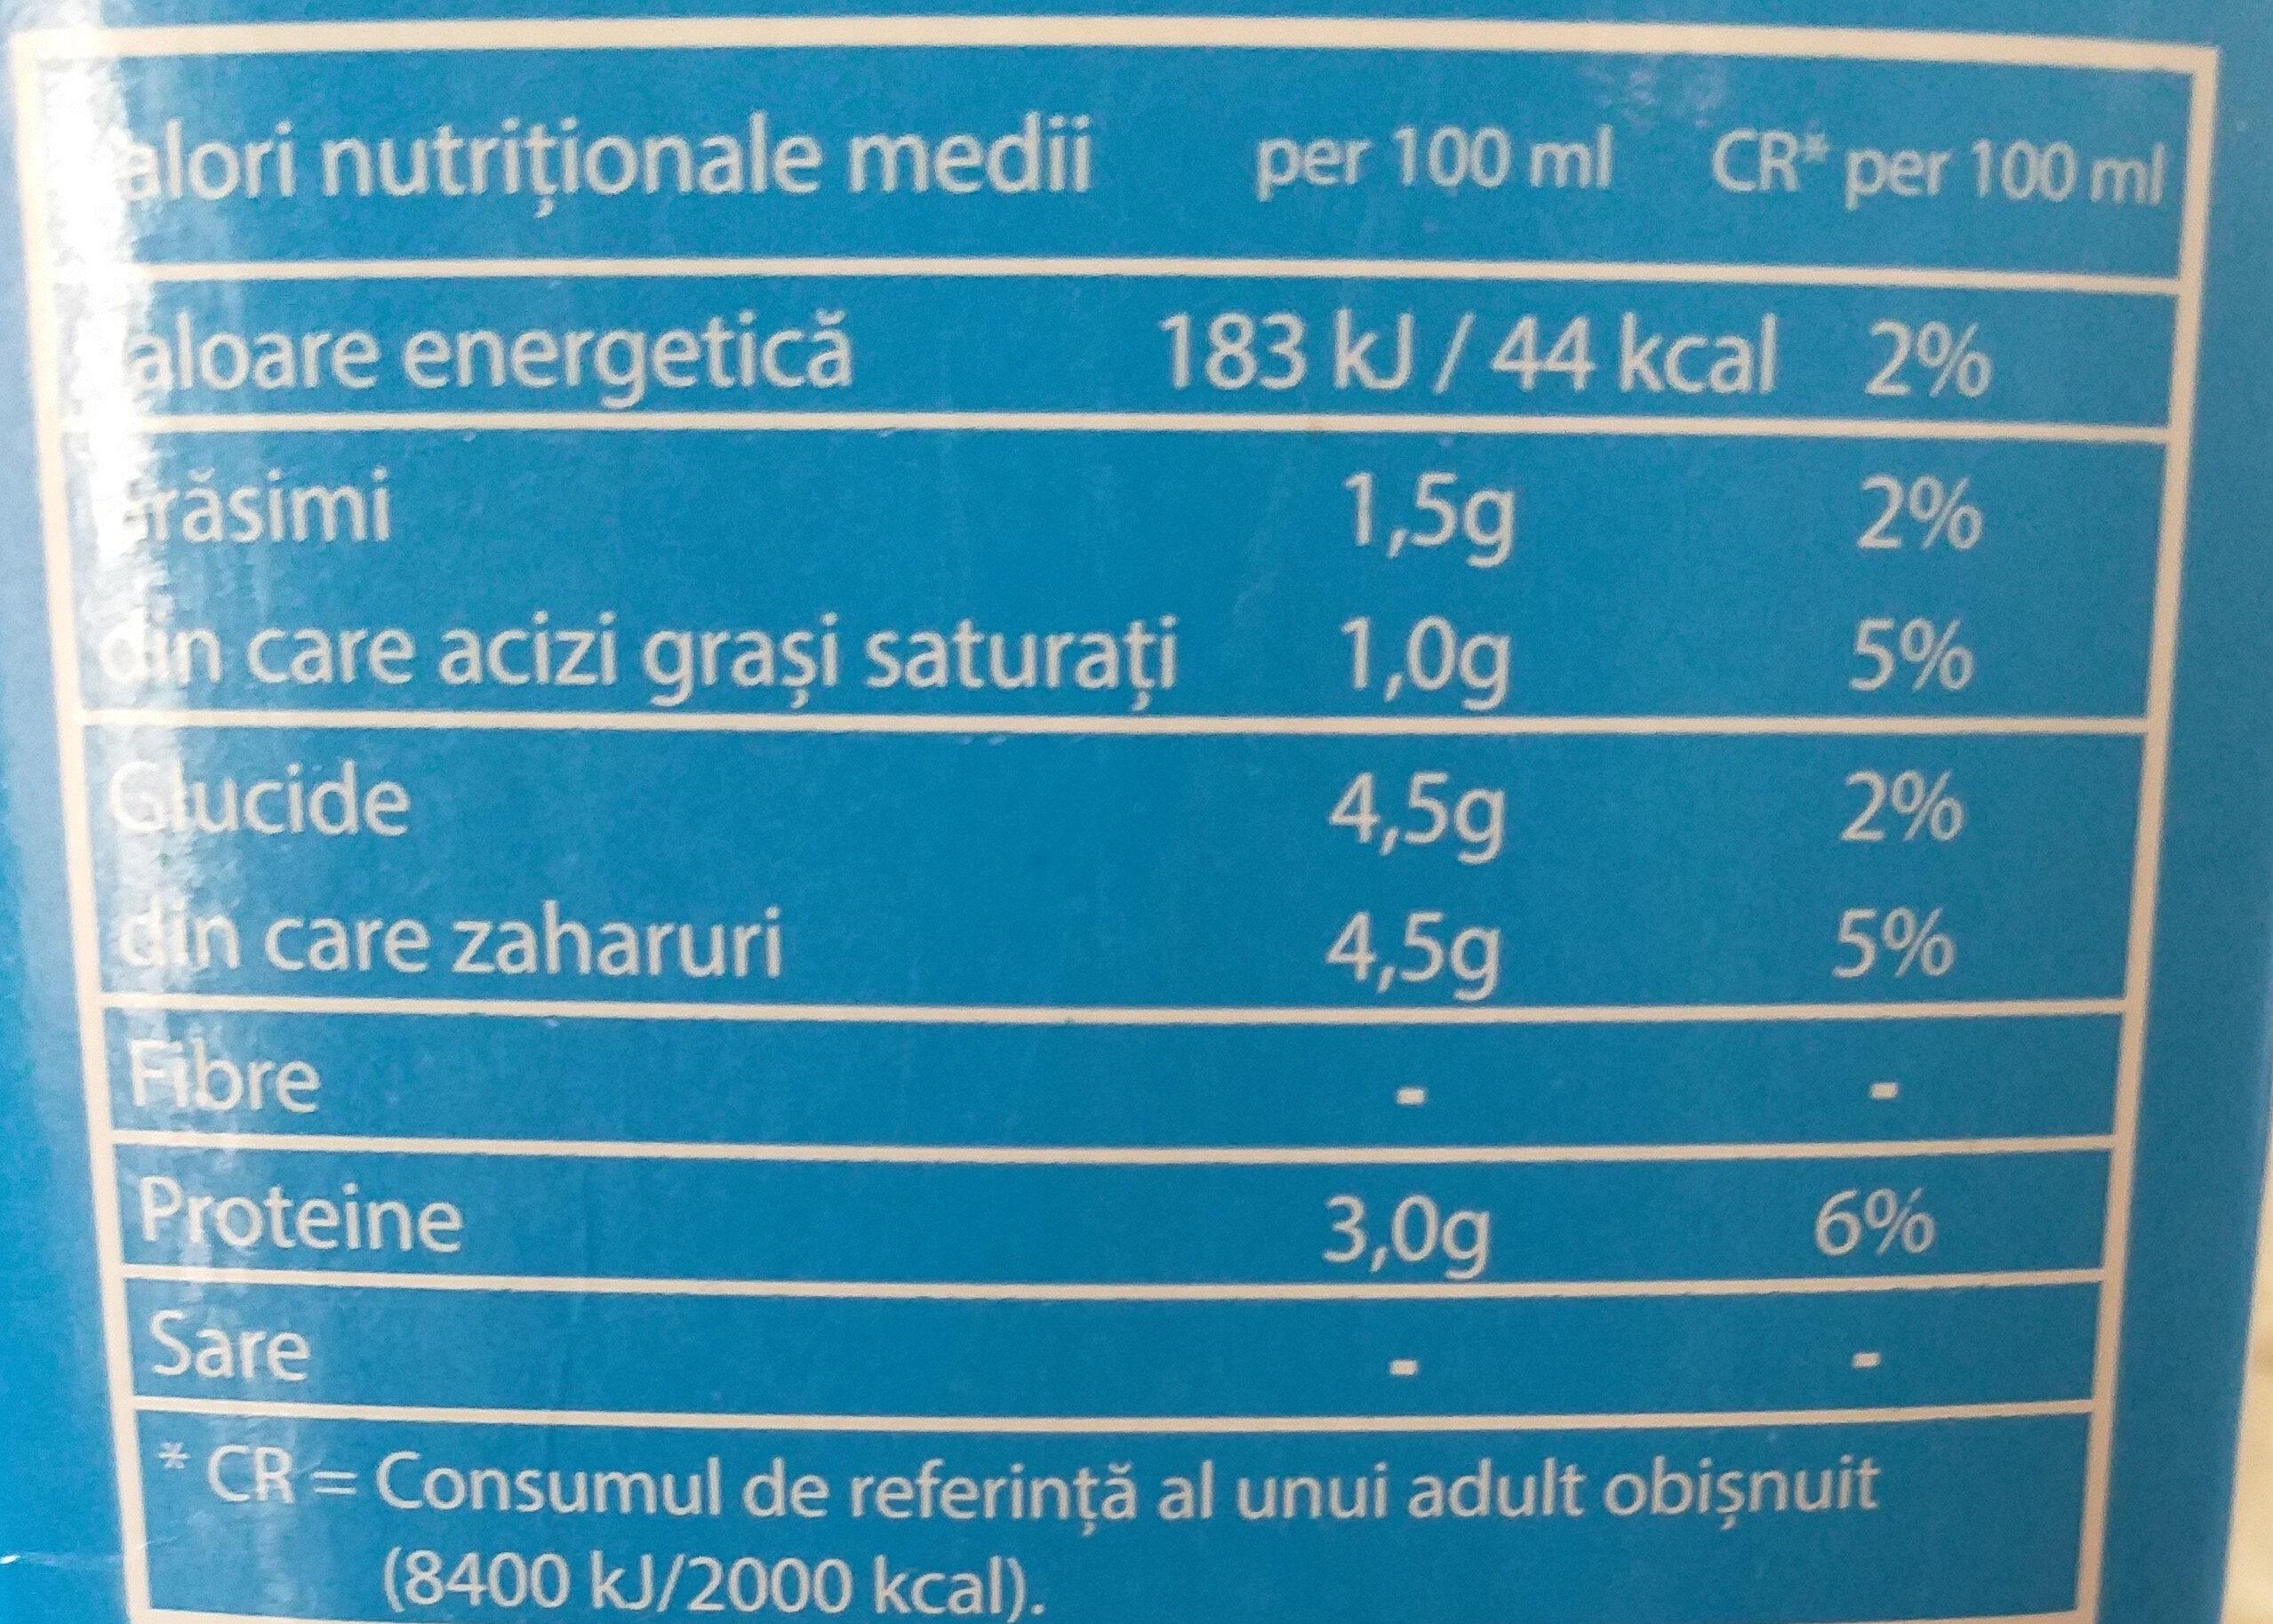 SIM Lapte de consum 1,5% grasime - Información nutricional - ro